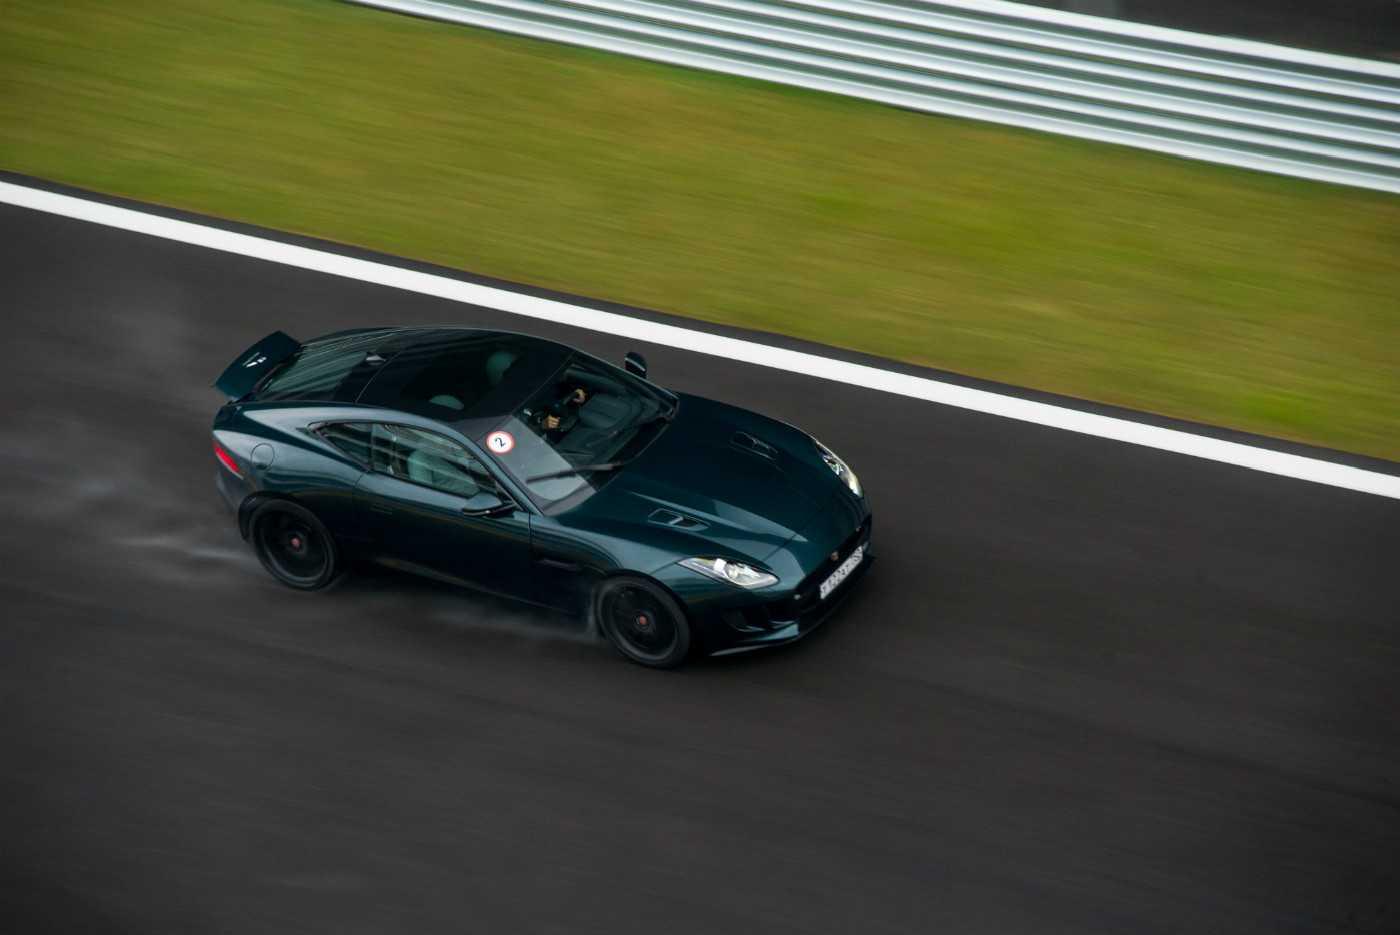 Стоит ли выбирать jaguar s-type с пробегом?